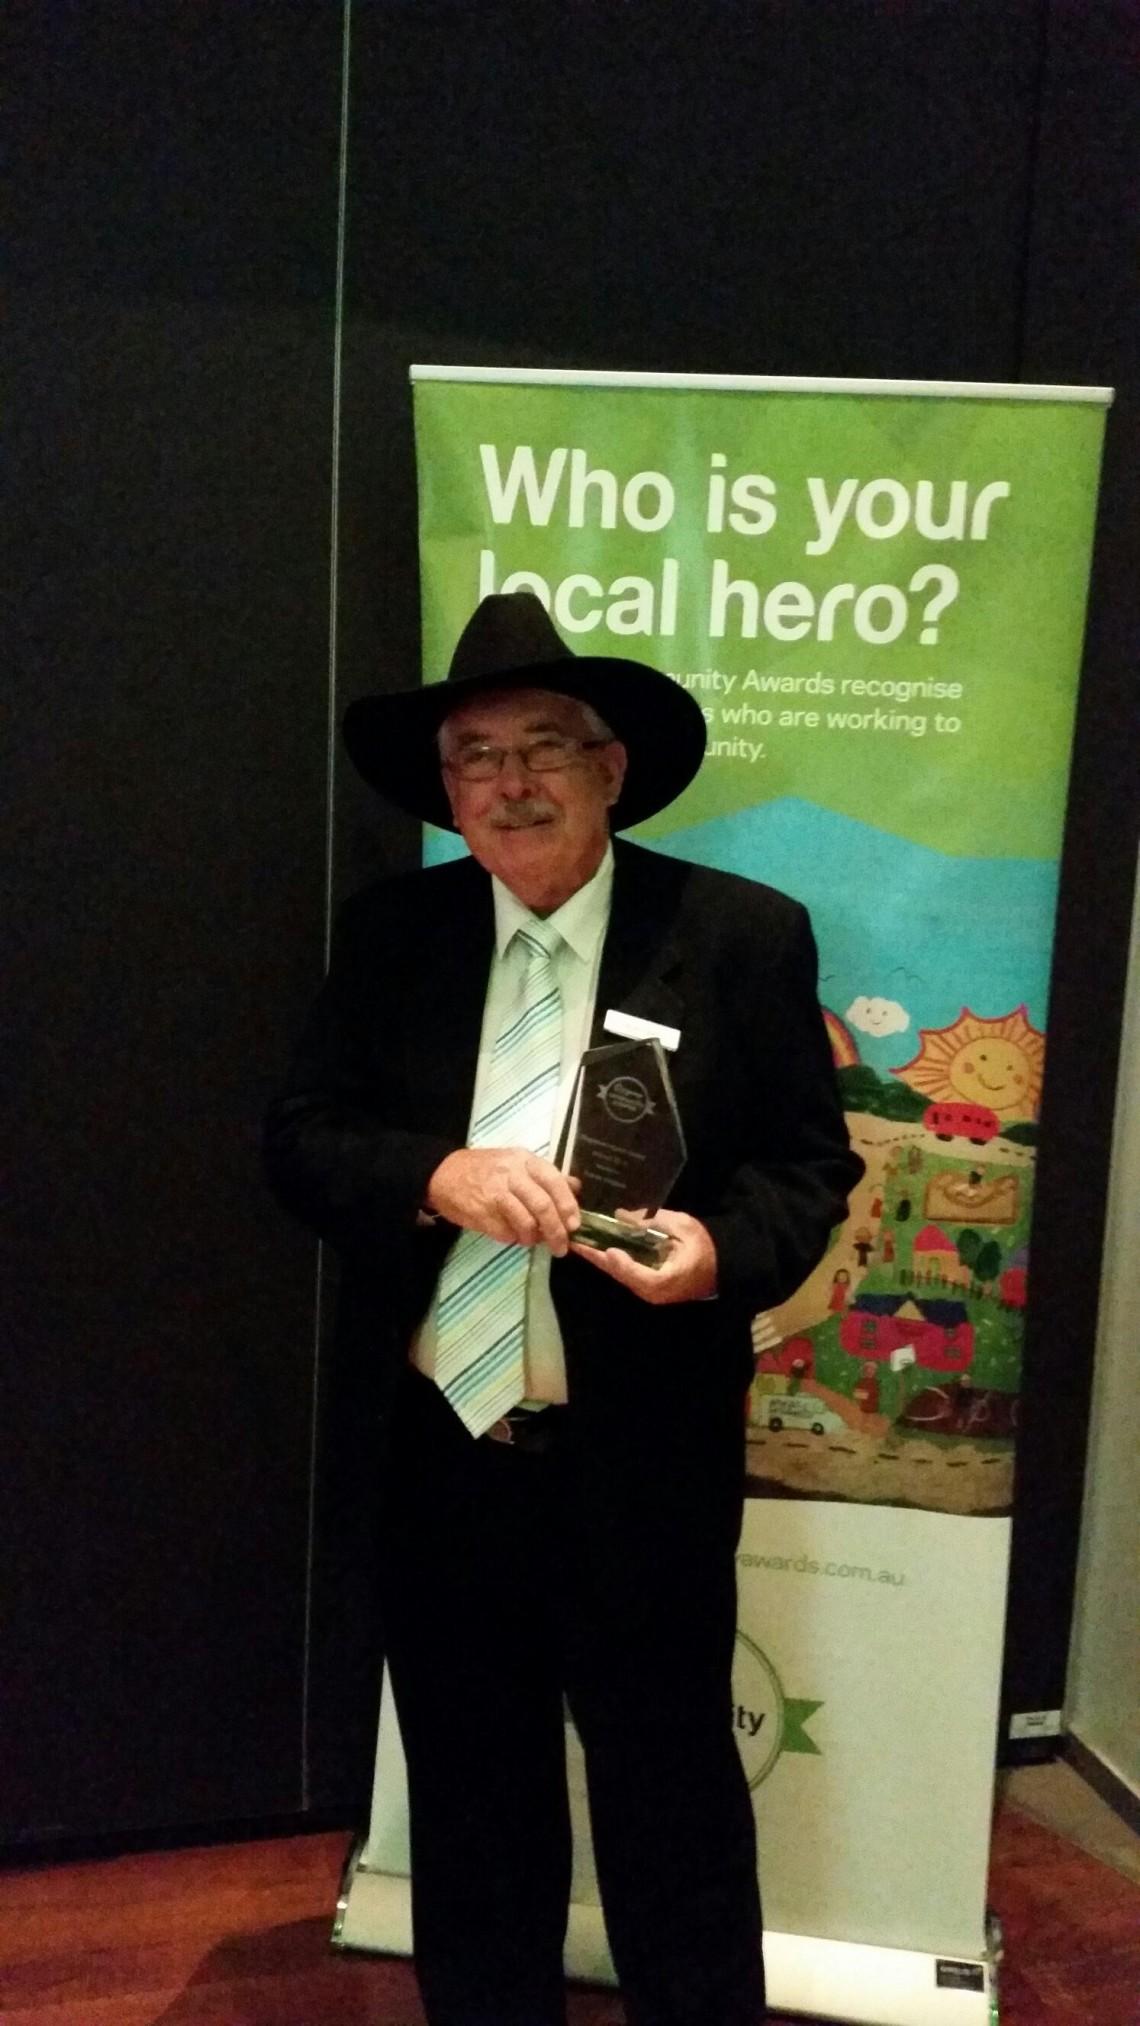 post-brian-Regional-impact-award-2014